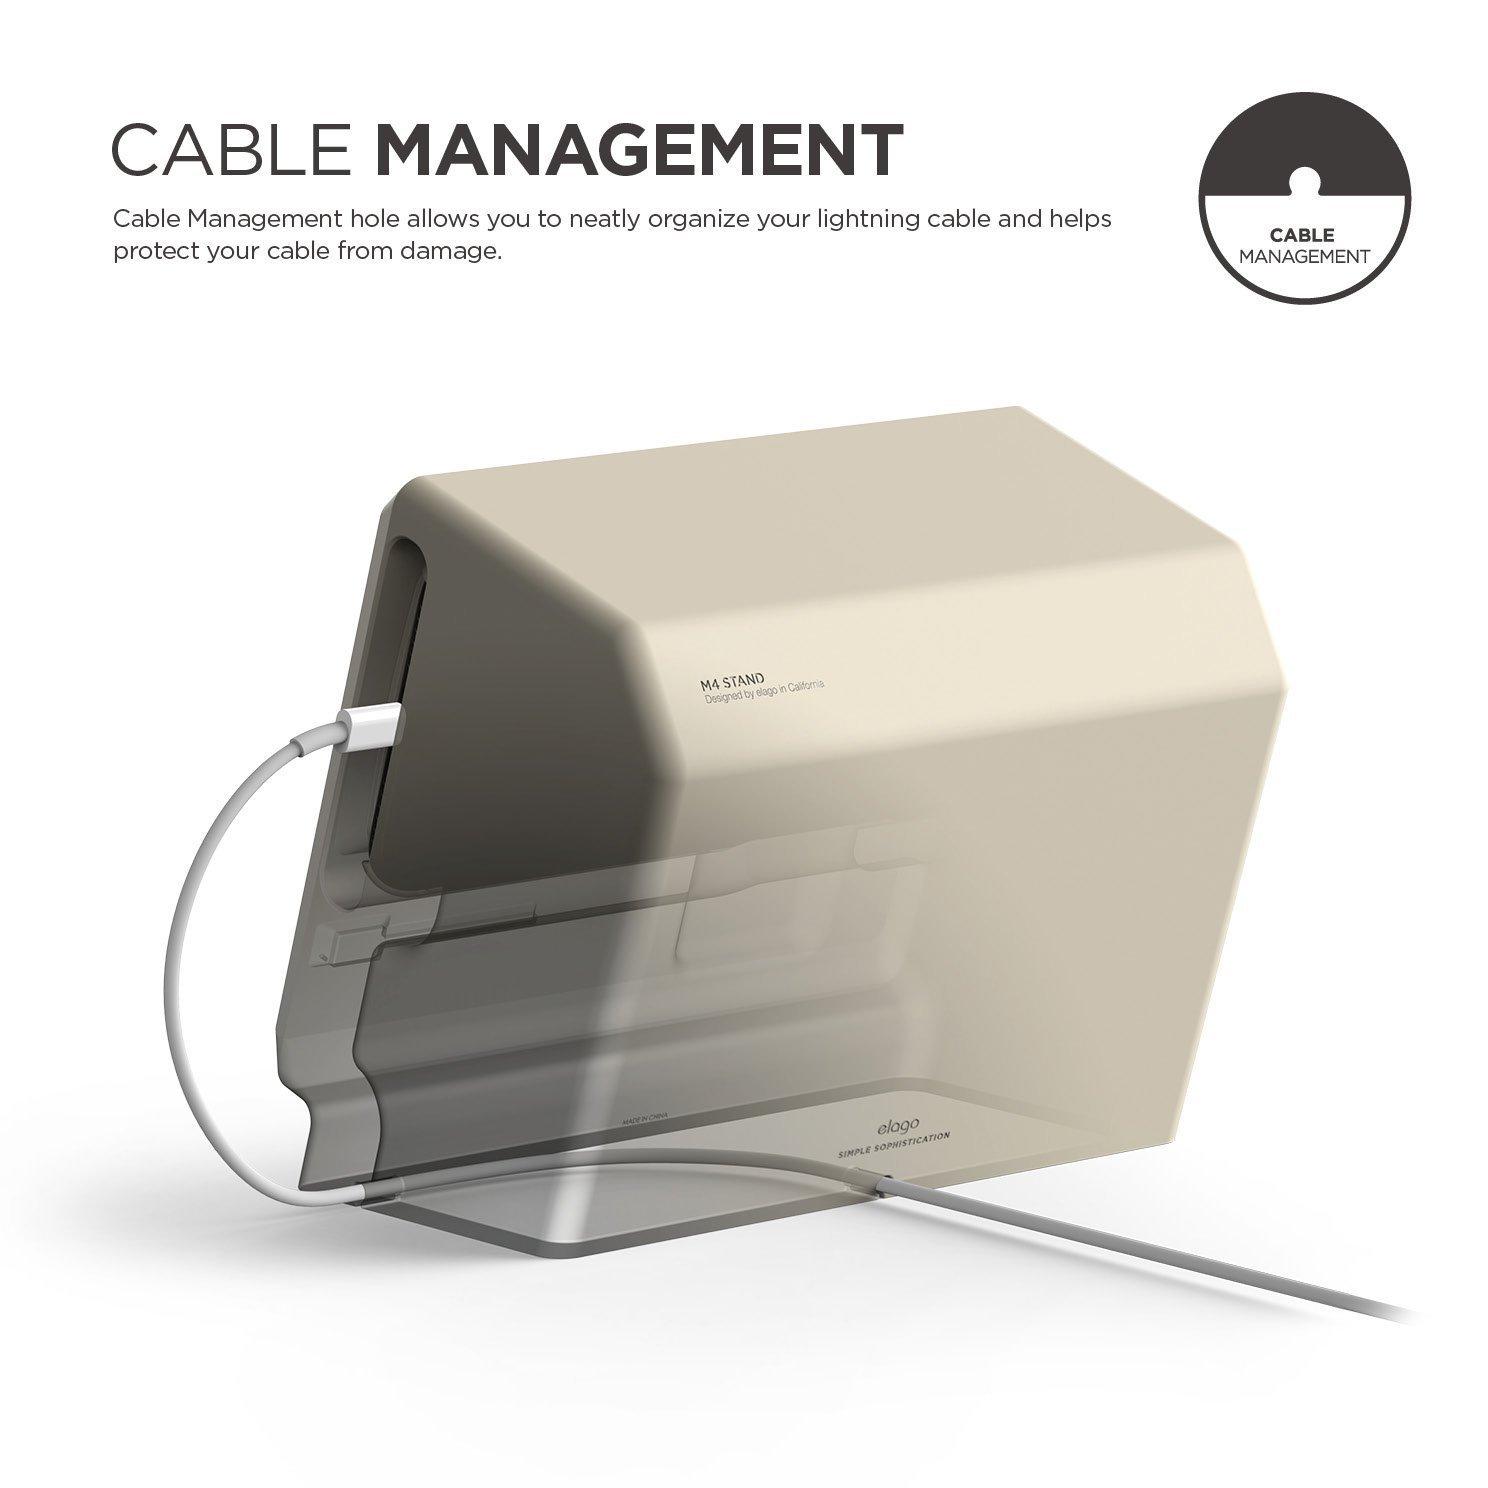 この充電スタンドでスマホを充電しながら動画を見たり、映画を楽しんだりすることも可能